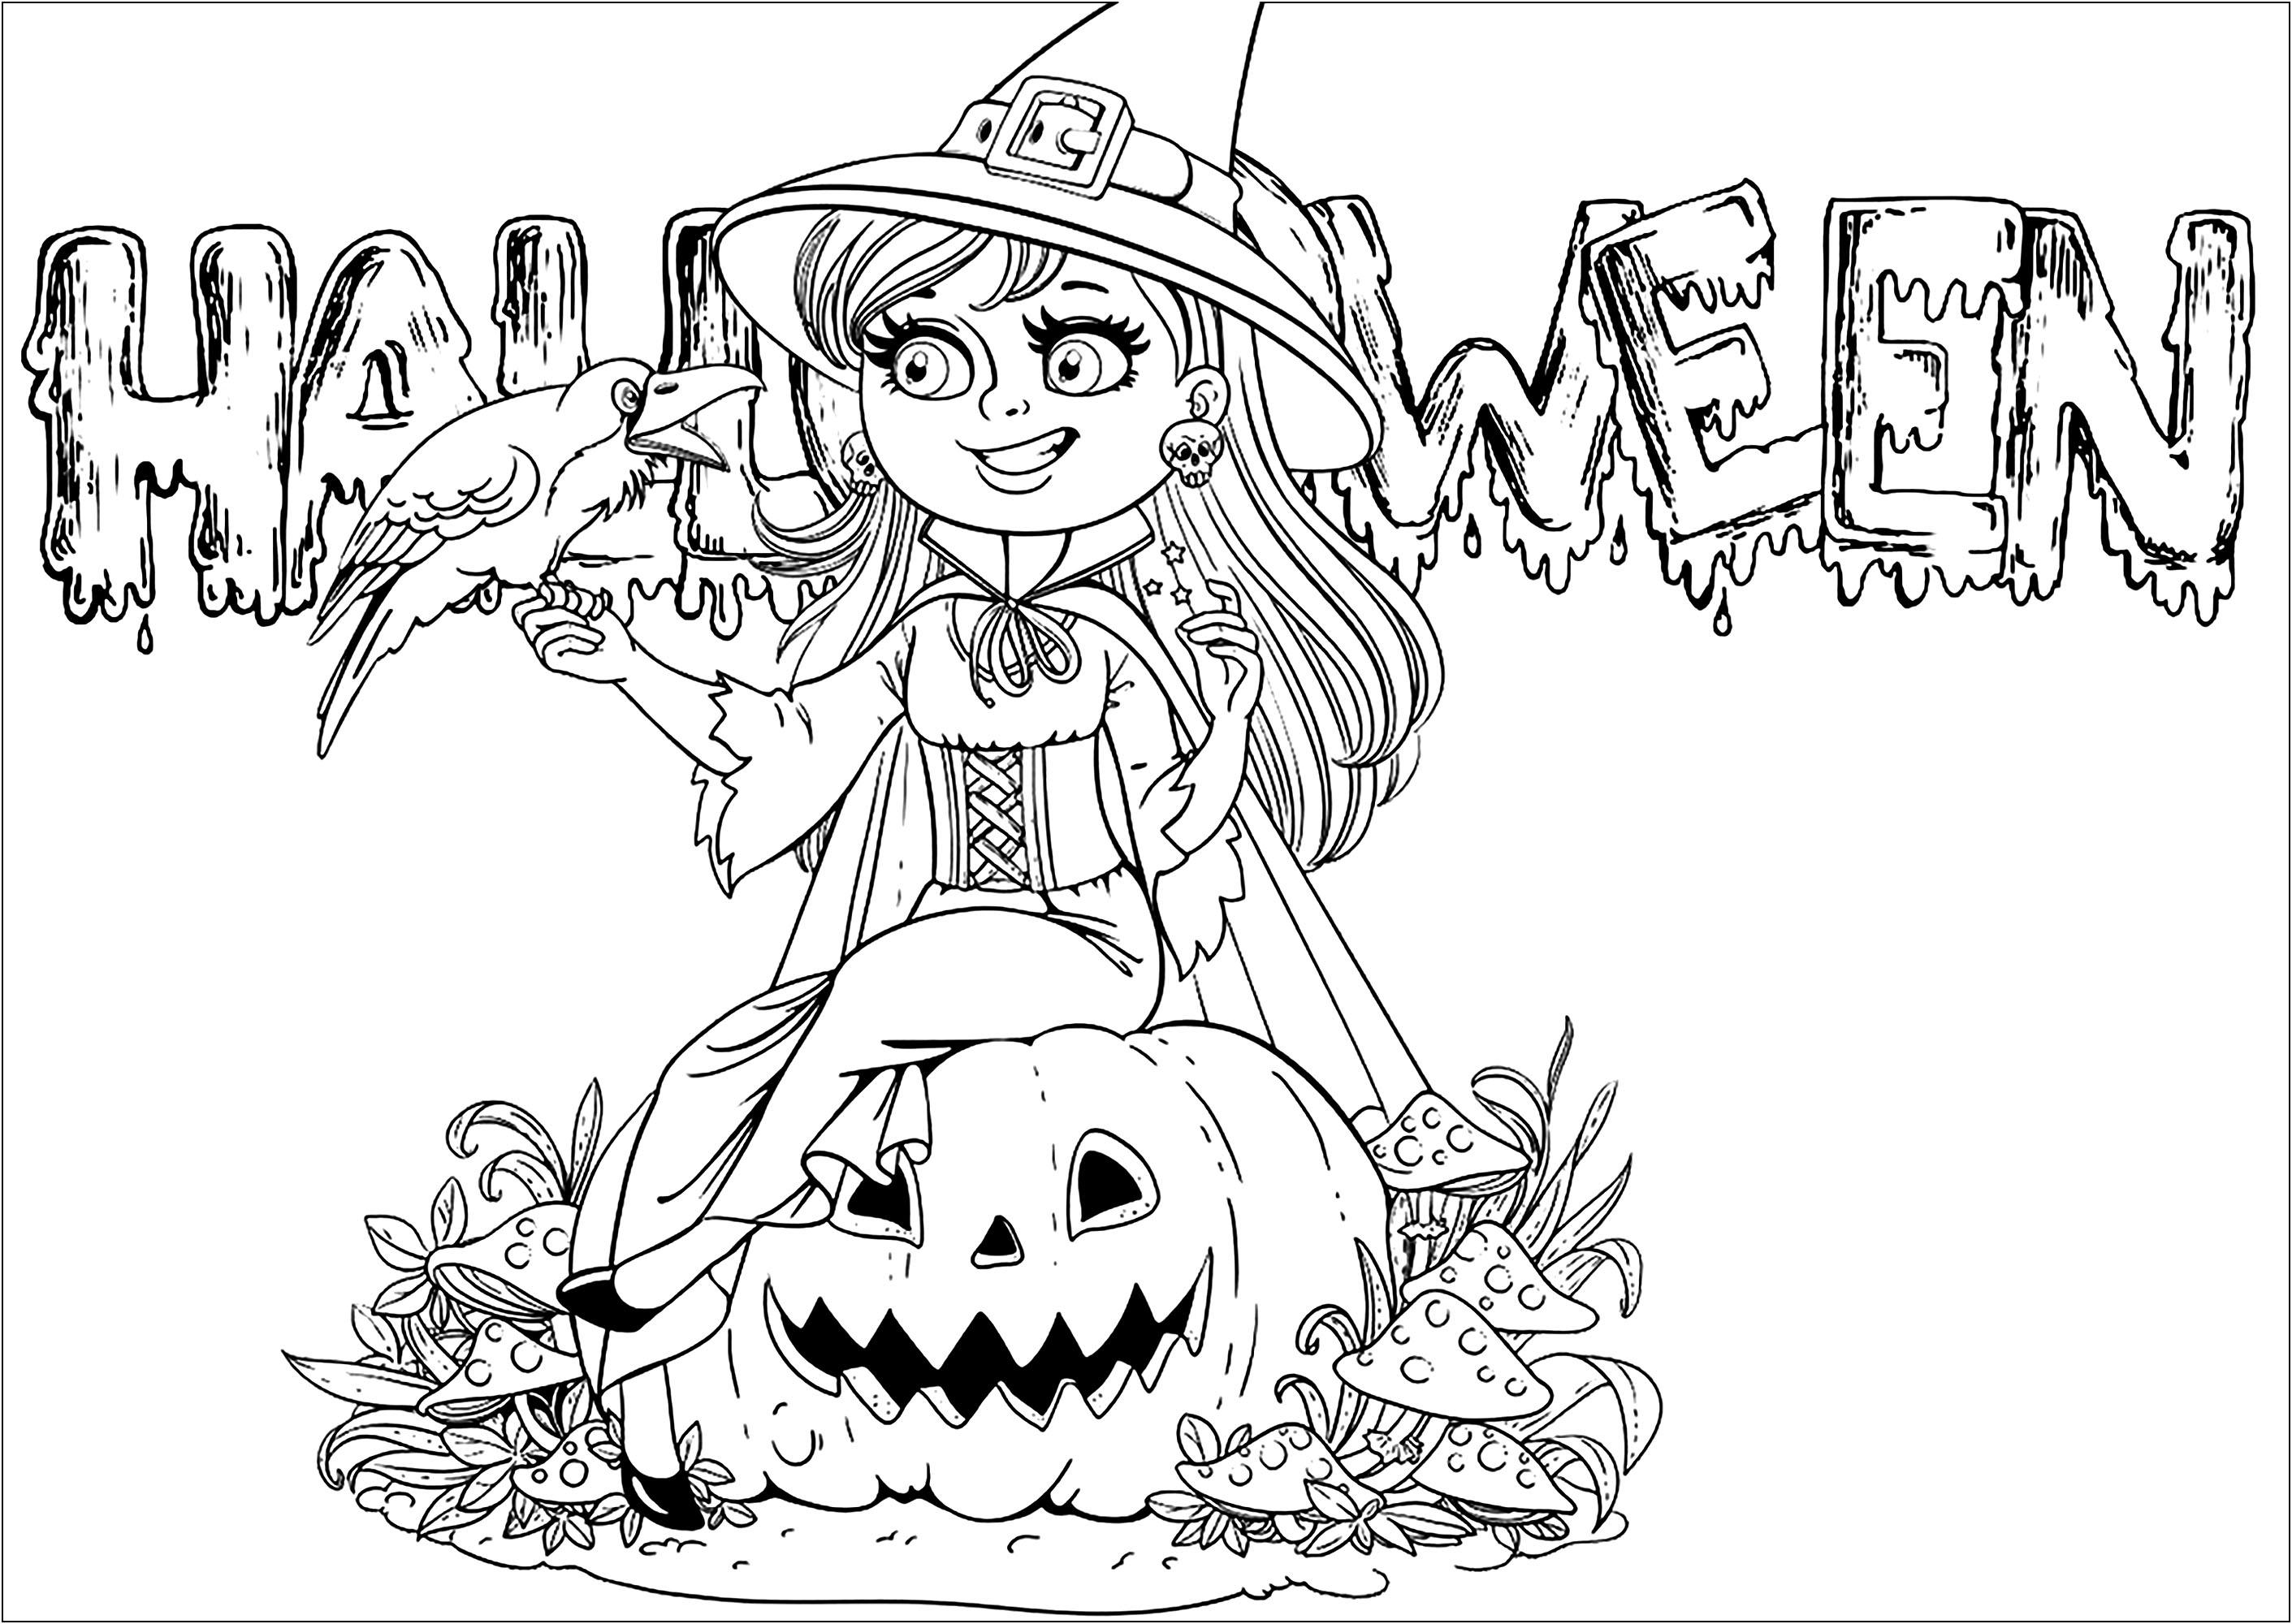 Coloriez cette jolie sorcière avec sa grosse citrouille et son ami corbeau, avec le texte 'Halloween' en fond